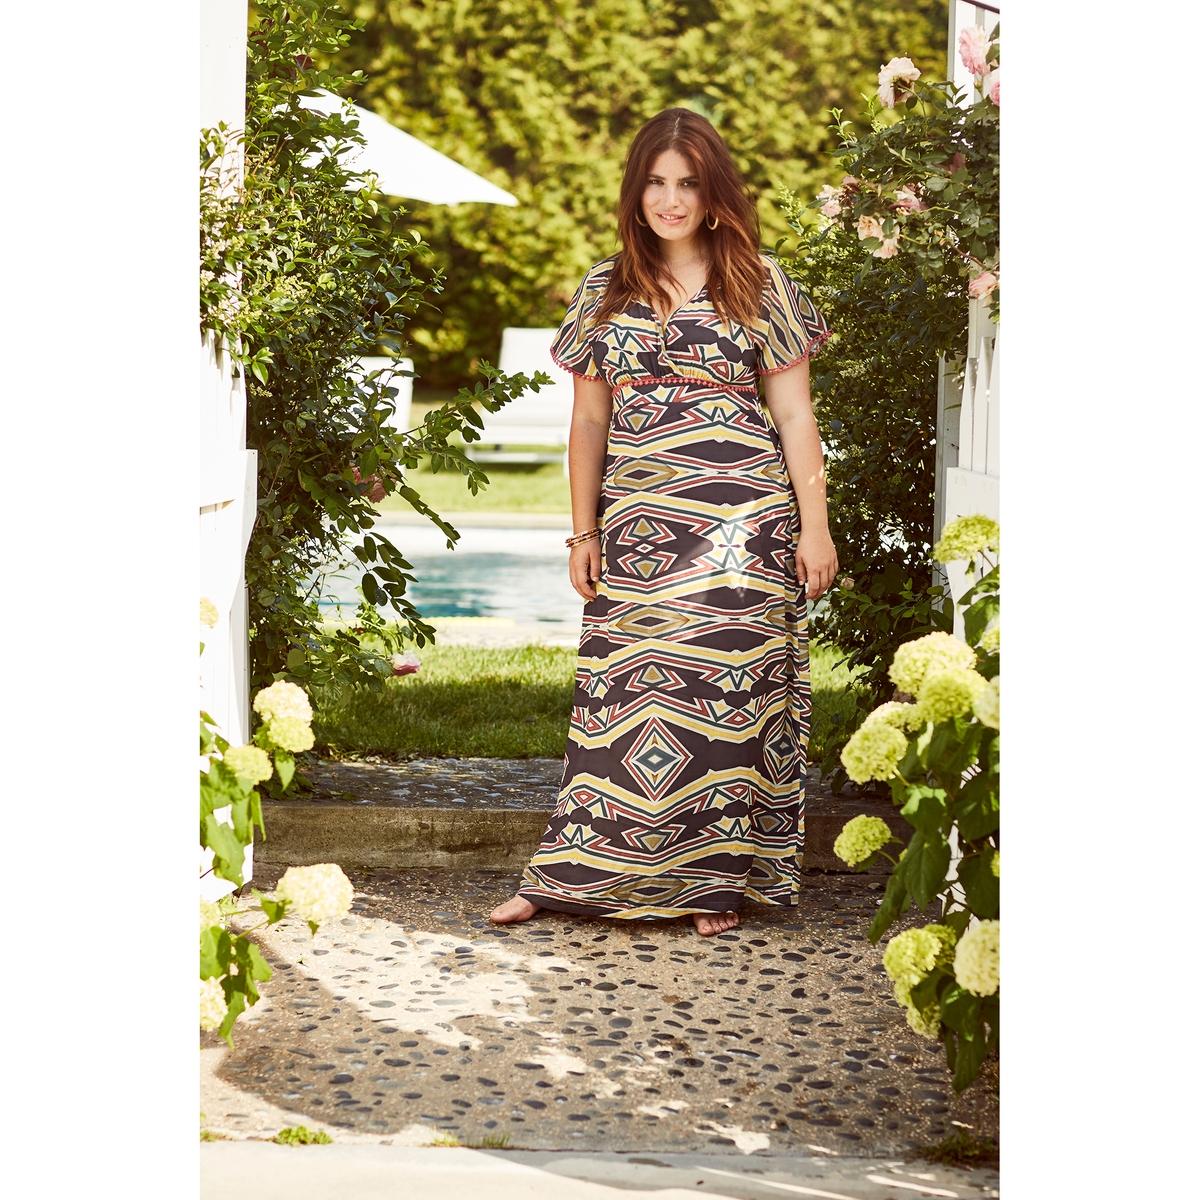 ПлатьеПлатье - MAT FASHION. 98% полиэстера, 2% эластана. Длинное платье с короткими рукавами из легкой и струящейся ткани с рисунком в этническом стиле и контрастным узором . V-образный вырез с эффектом запаха. Глубокий вырез с эластичными краями на завязках сзади.<br><br>Цвет: набивной рисунок